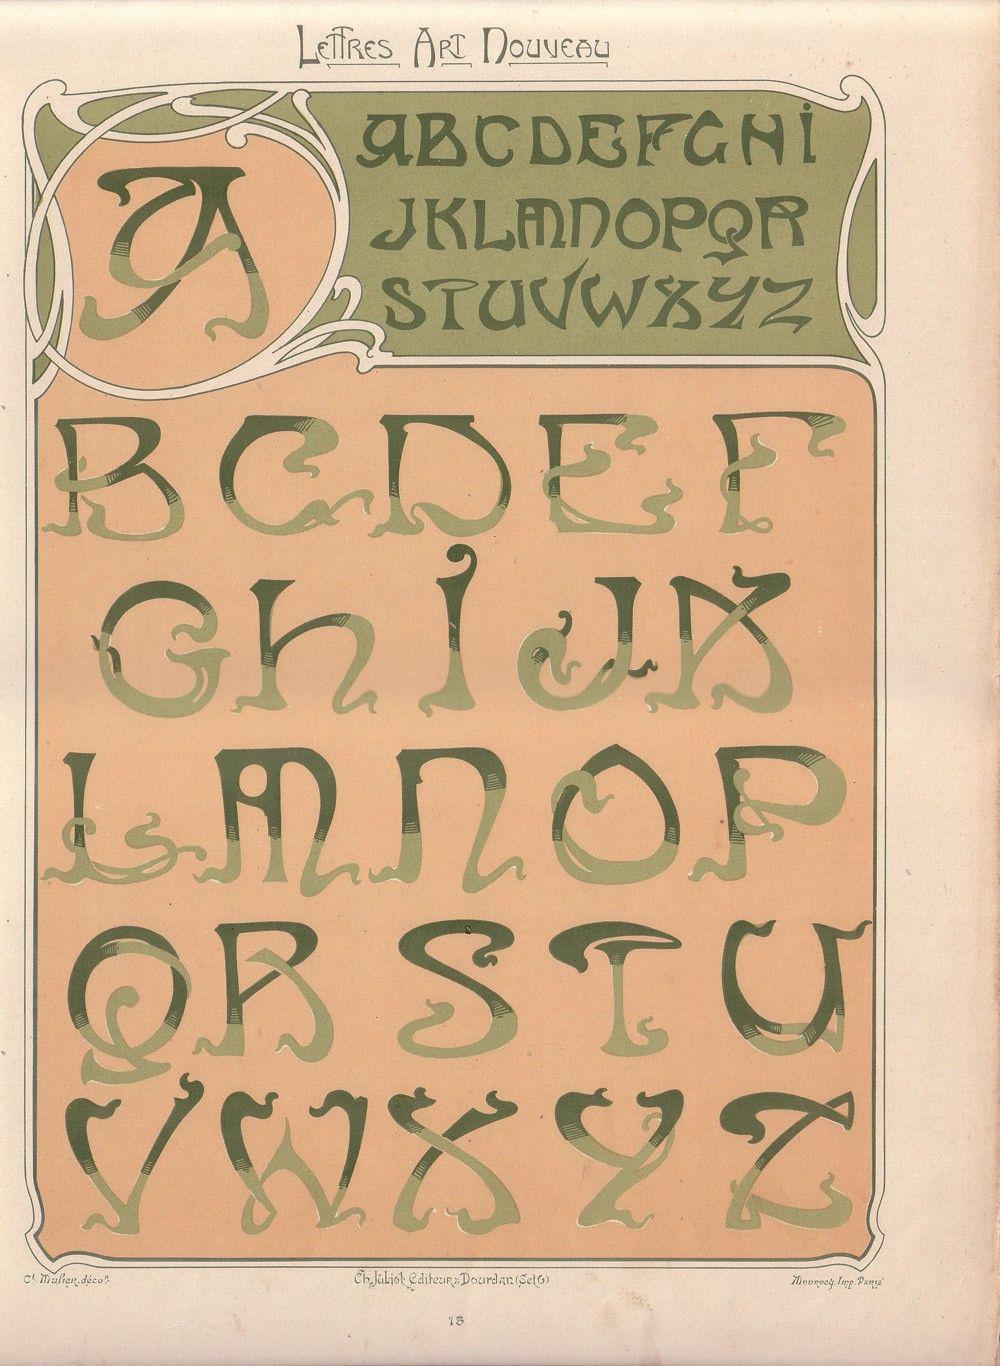 Original Art Nouveau Lithograph of Decorative Alphabet by artdecor